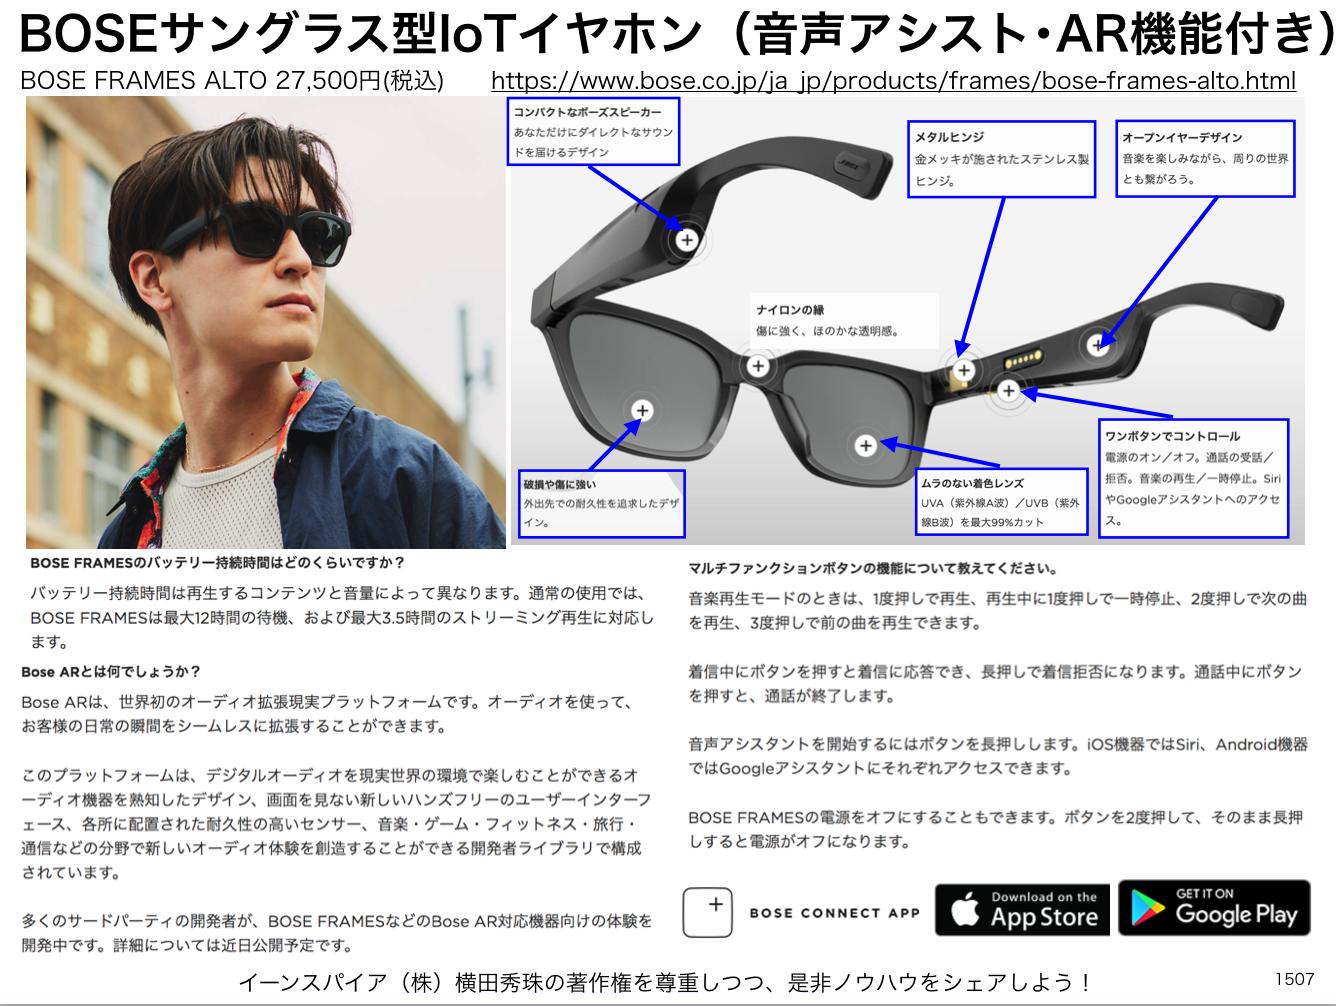 BOSEサングラス型IoTイヤホン(音声アシスト・AR機能付き)